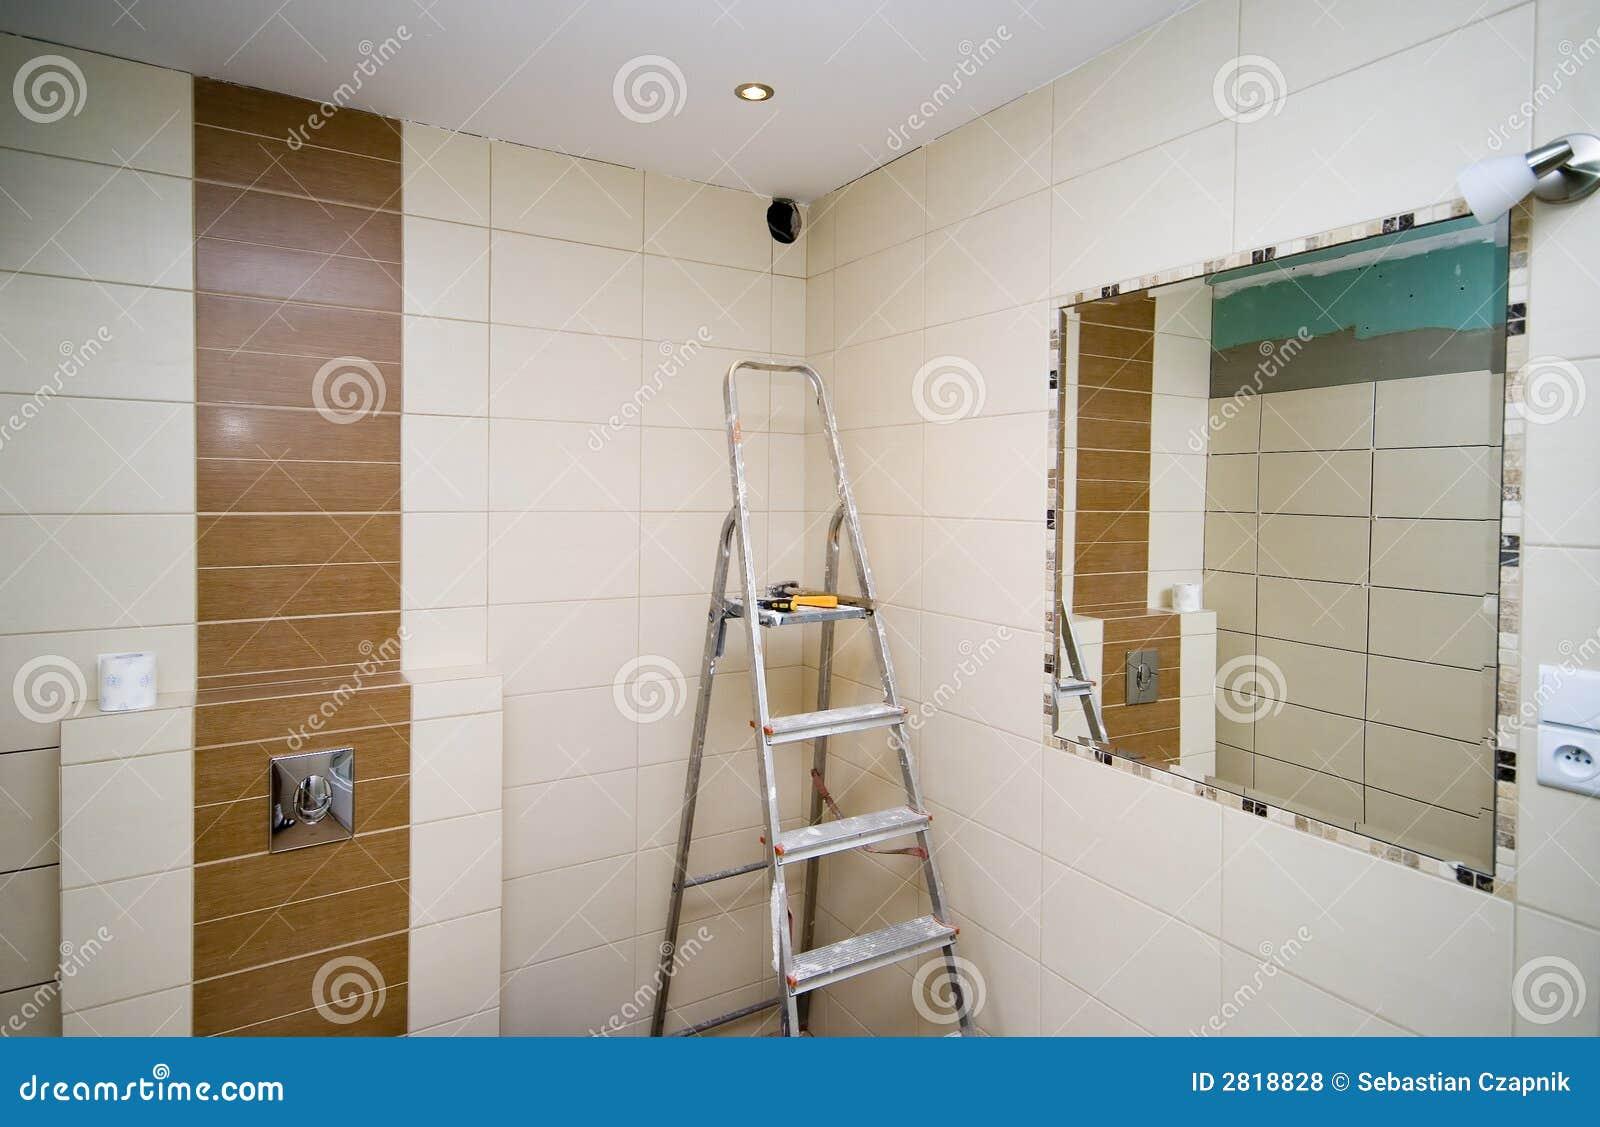 Banheiro Telha A Renovação Fotos de Stock Royalty Free Imagem  #82A328 1300 933